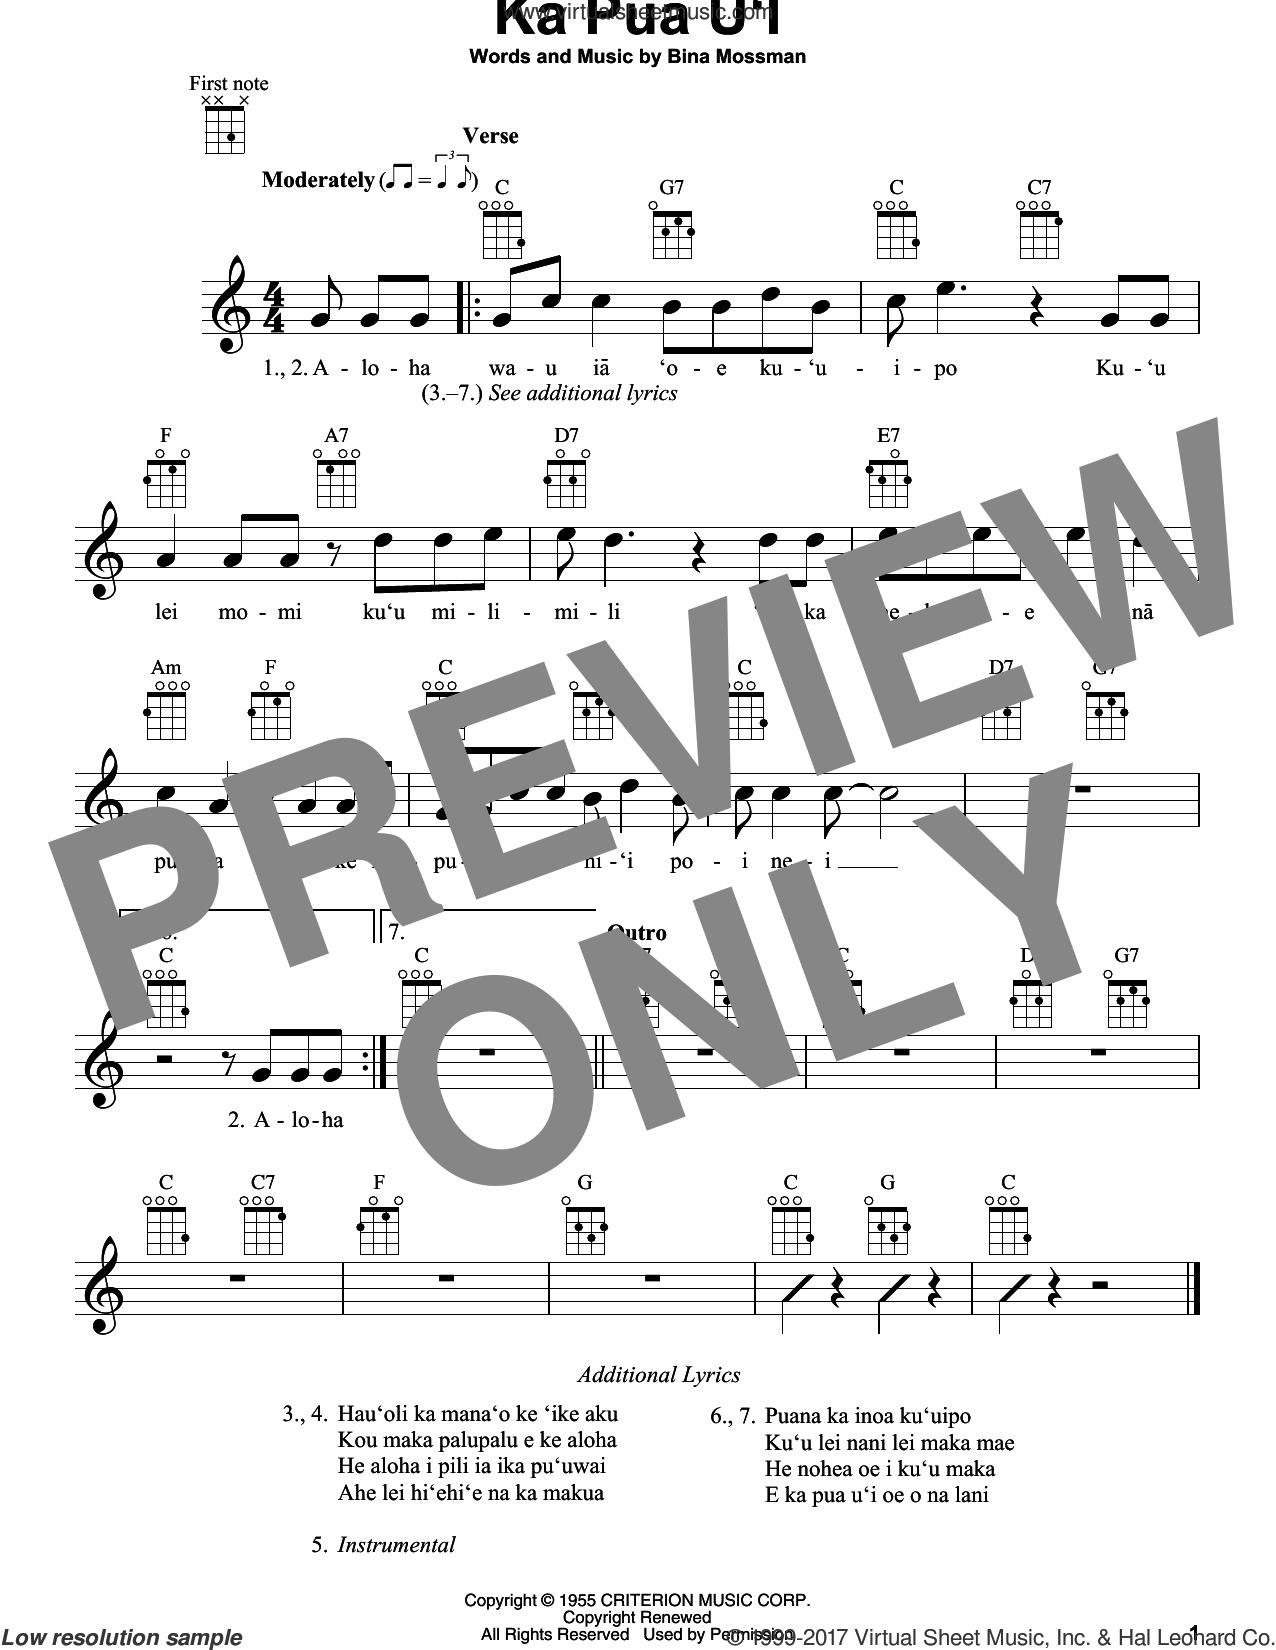 Ka Pua U'I sheet music for ukulele by Bina Mossman, intermediate skill level